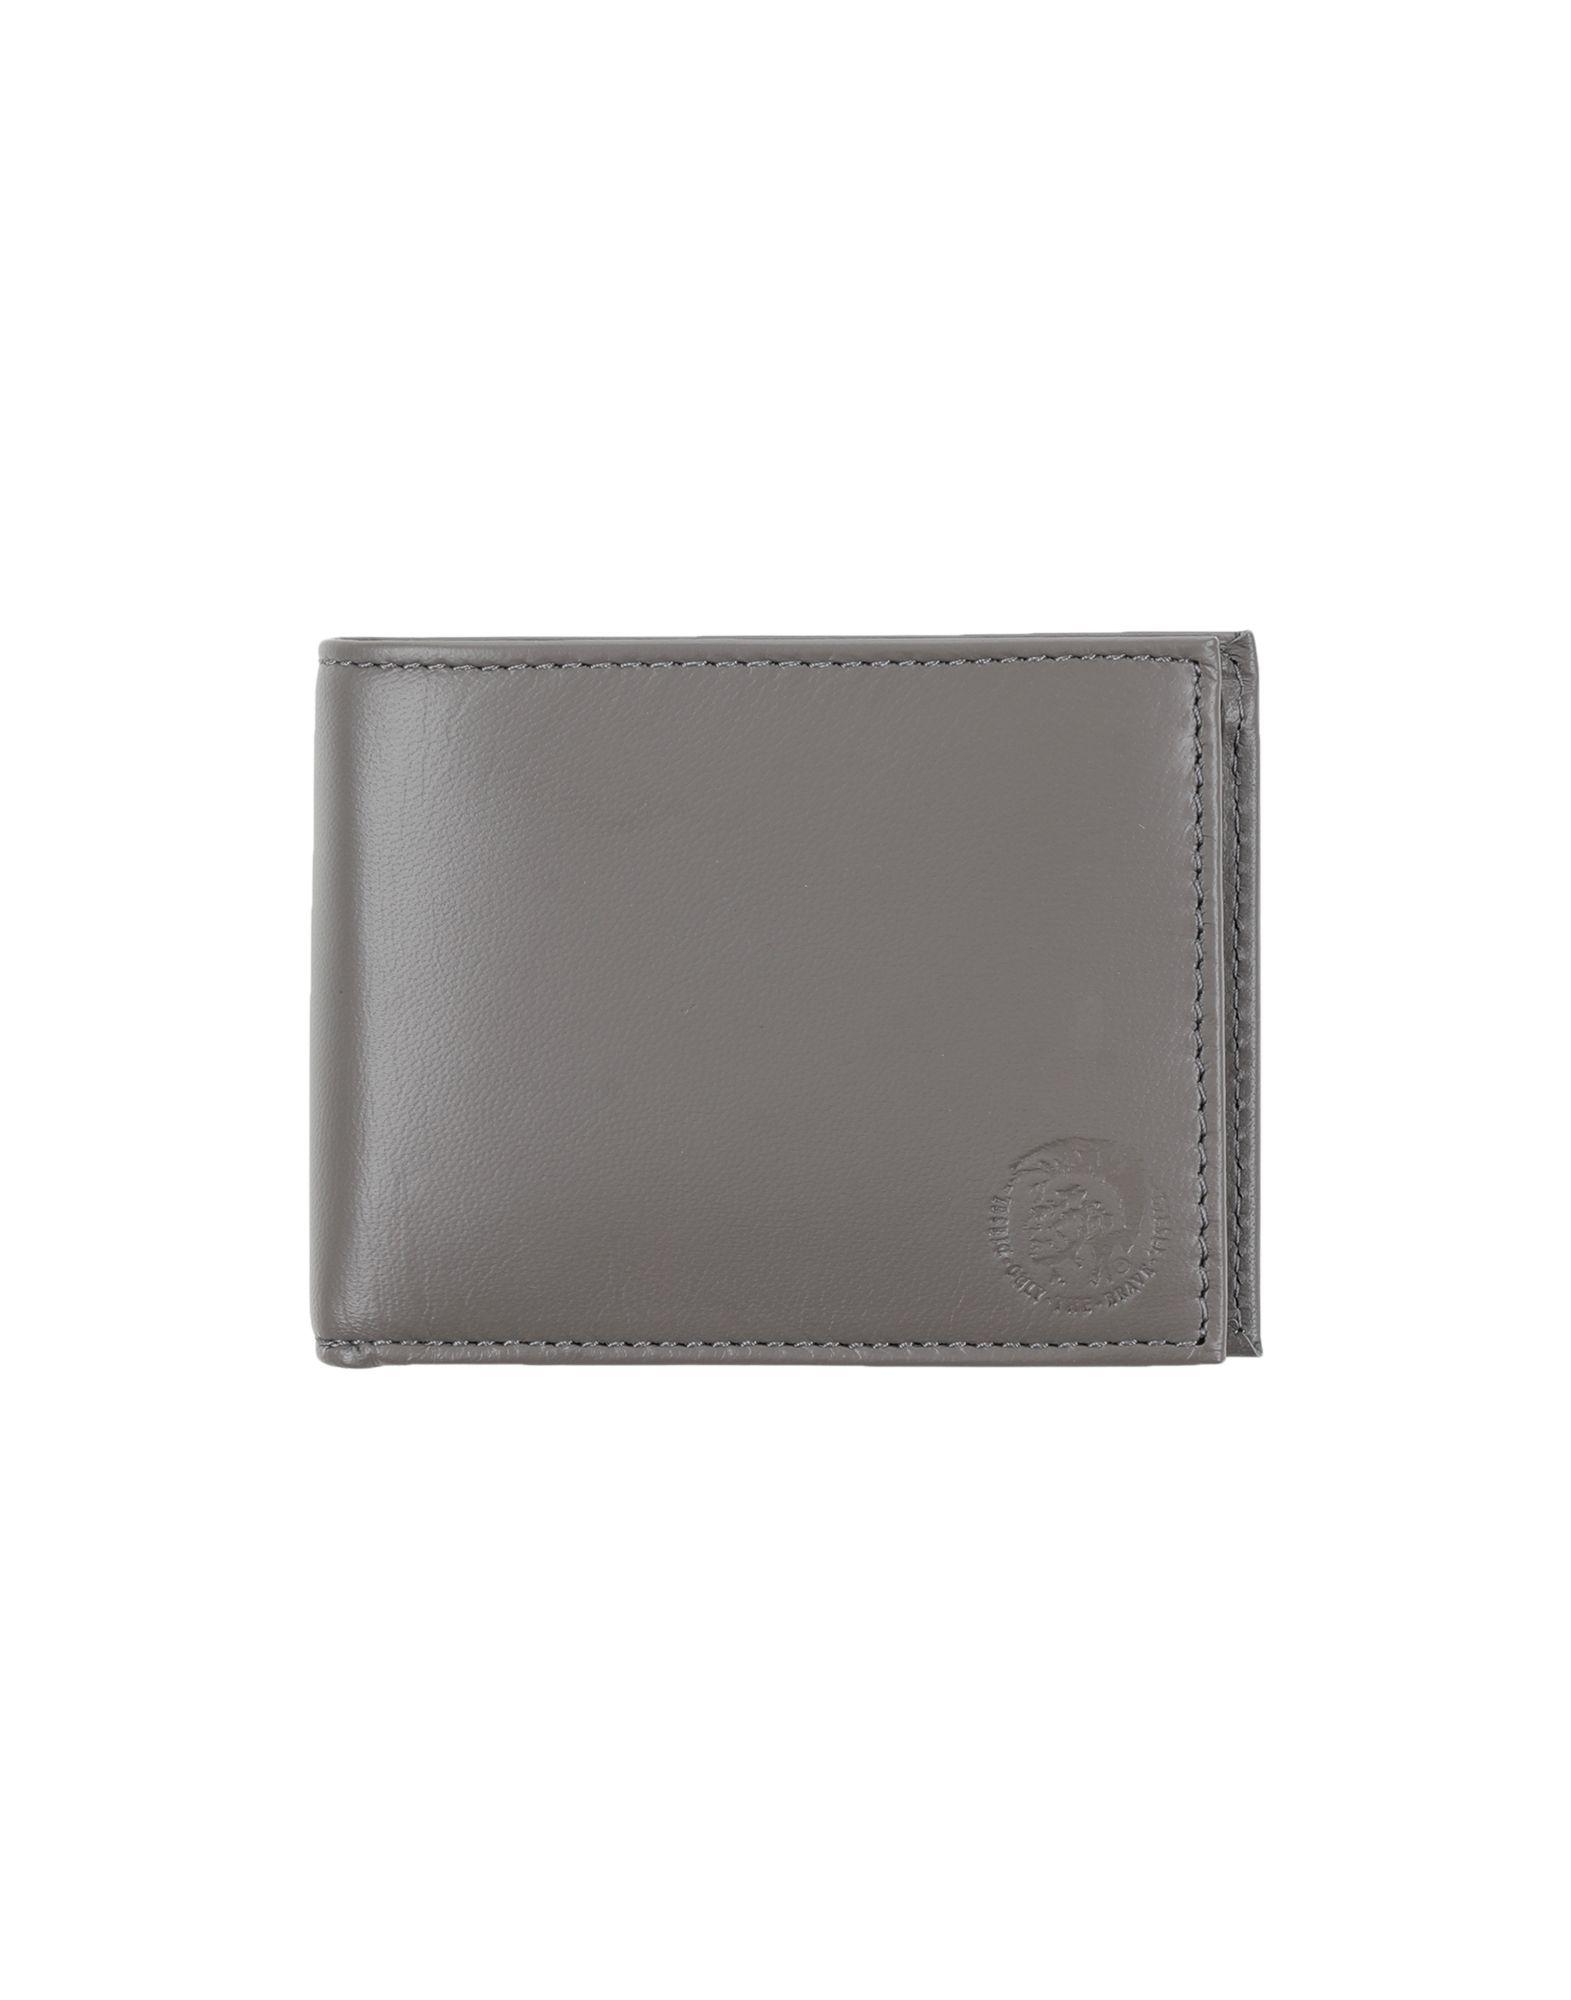 DIESEL Бумажник г жа йорк orchid nucelle короткий бумажник вскользь кожаный бумажник кошелек рука кошелек 425 дикий синий утренний туман